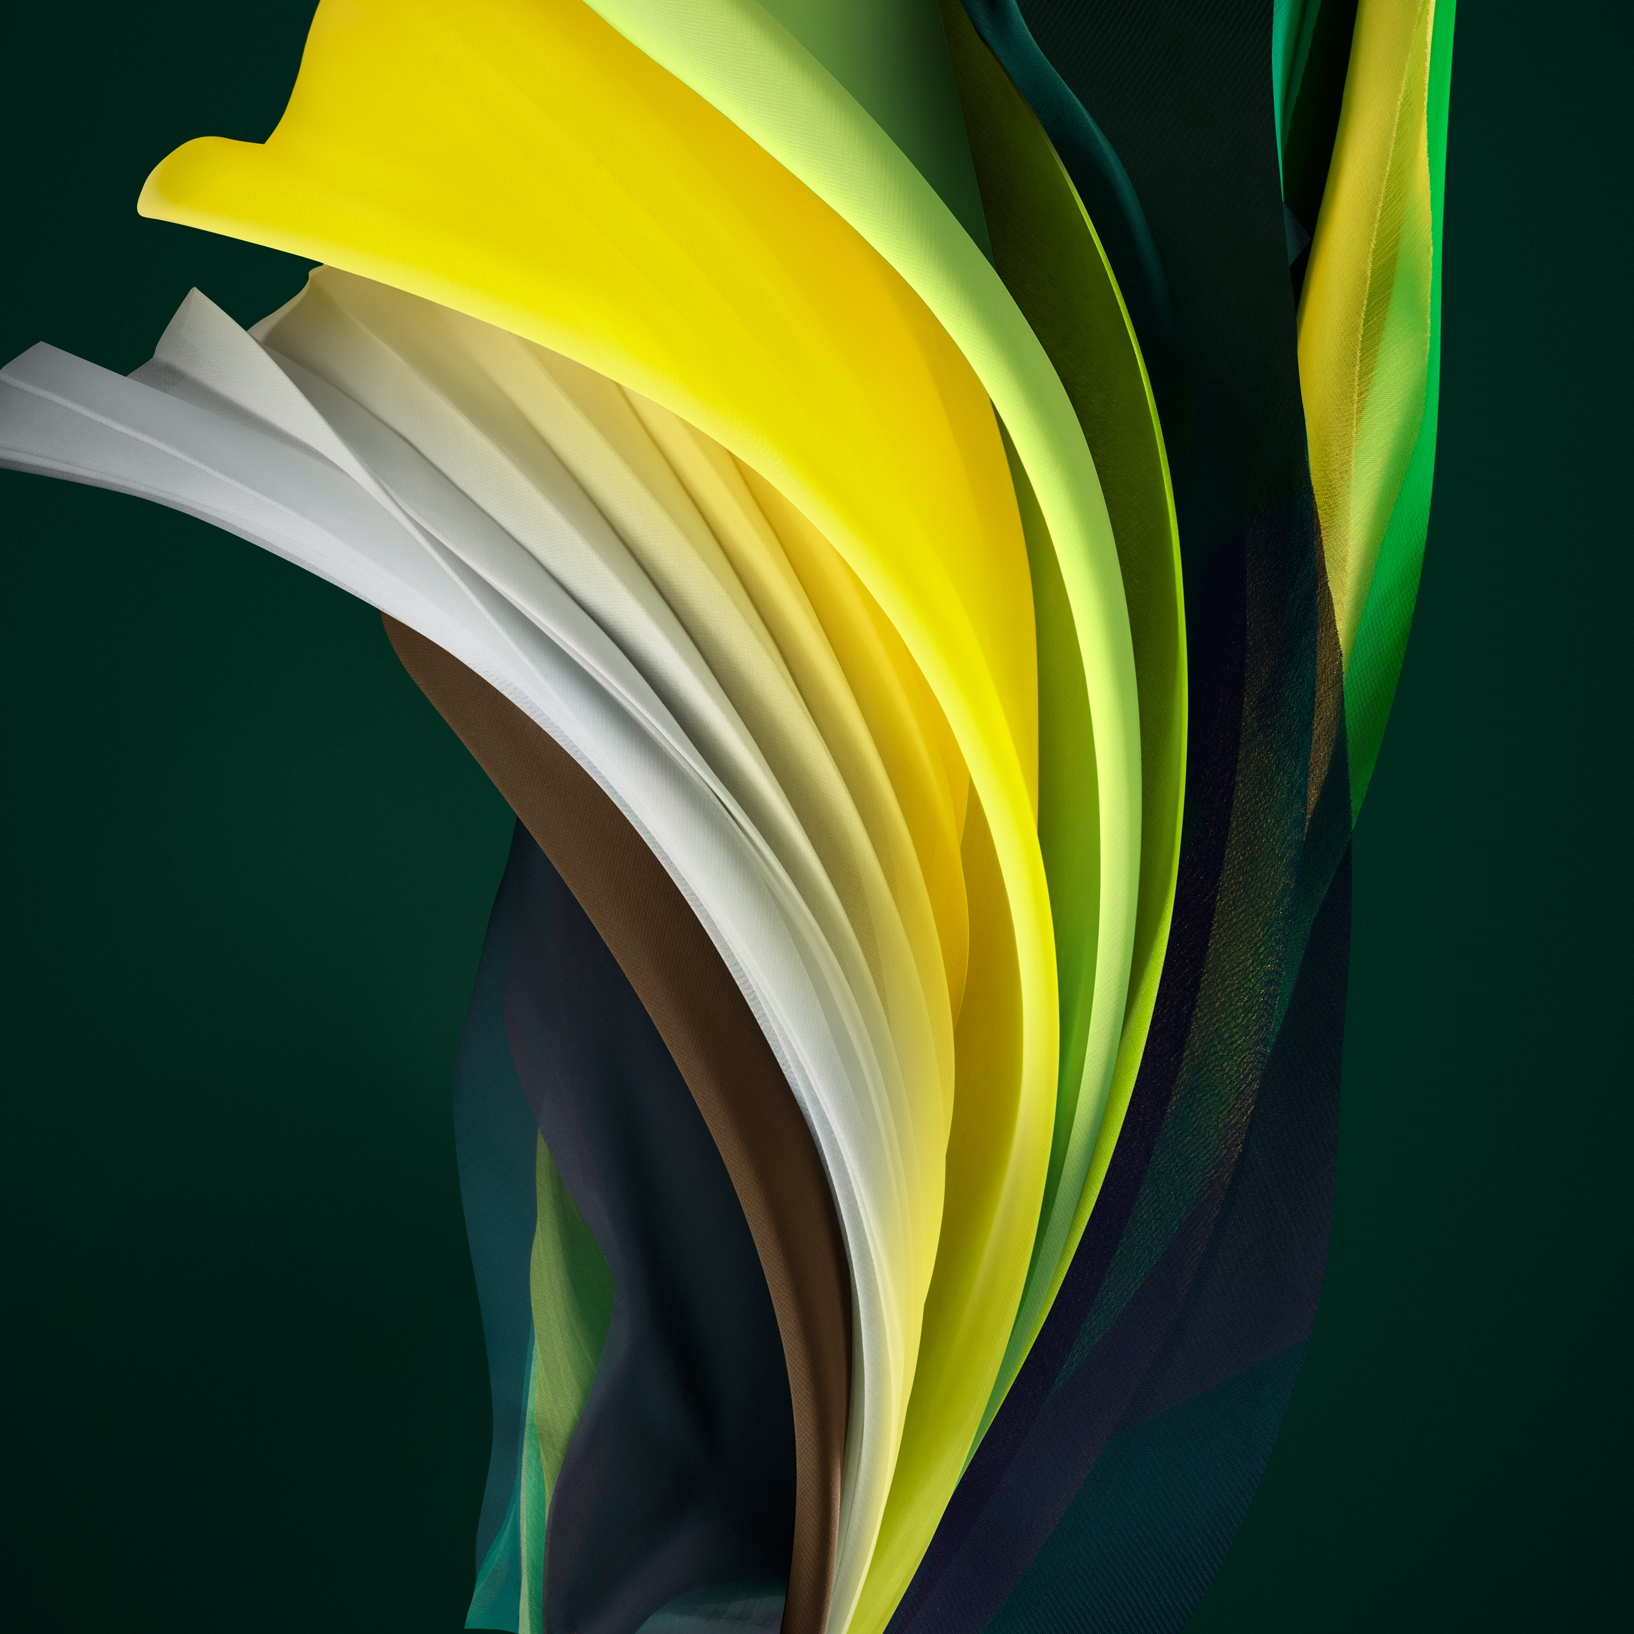 Silk_Green_Light- iPhone SE 2020 - TechFoogle